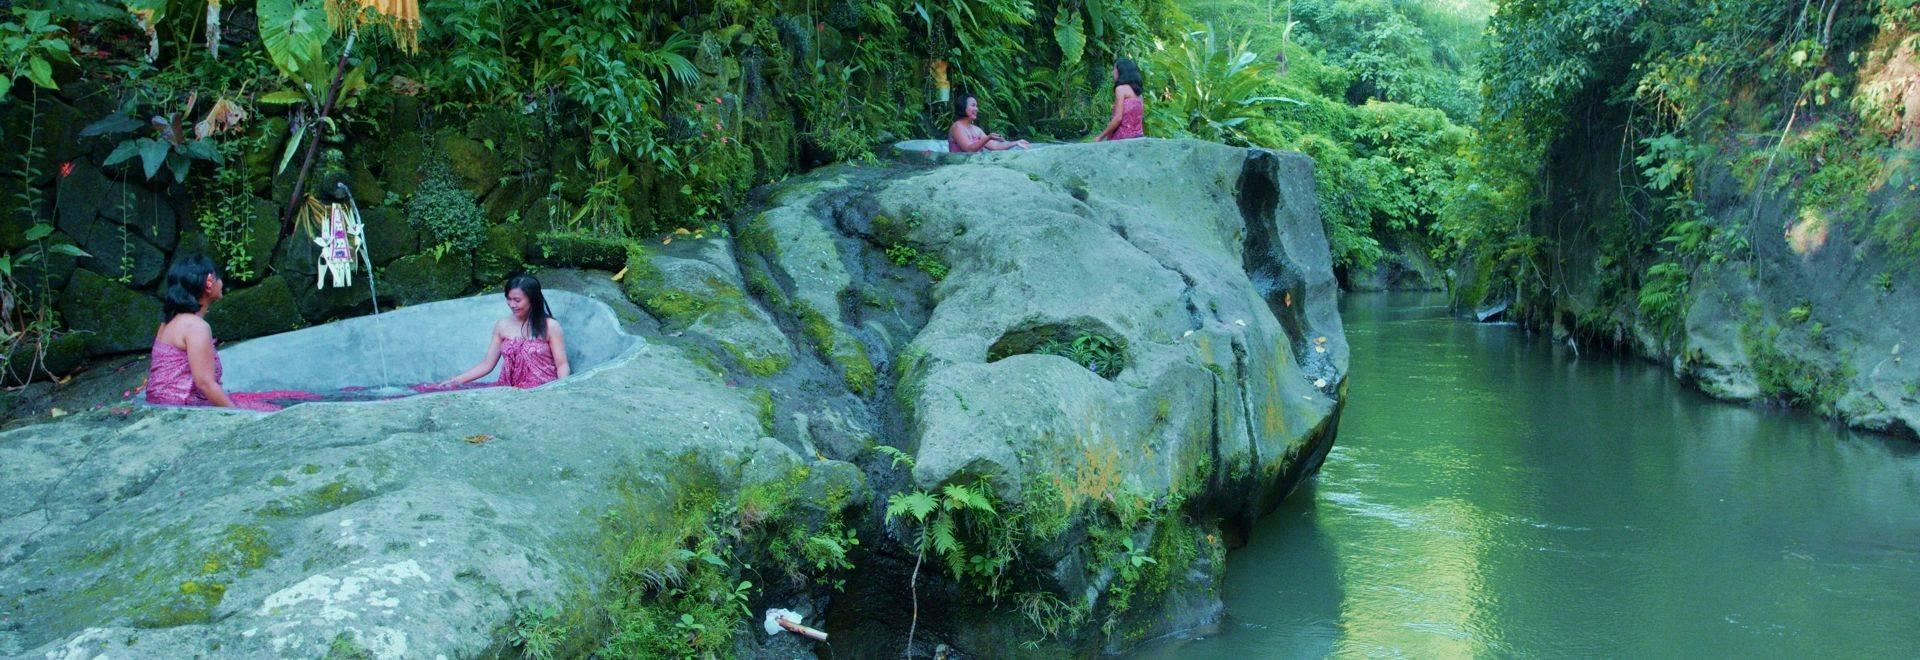 Svarga-Loka-bath.jpg